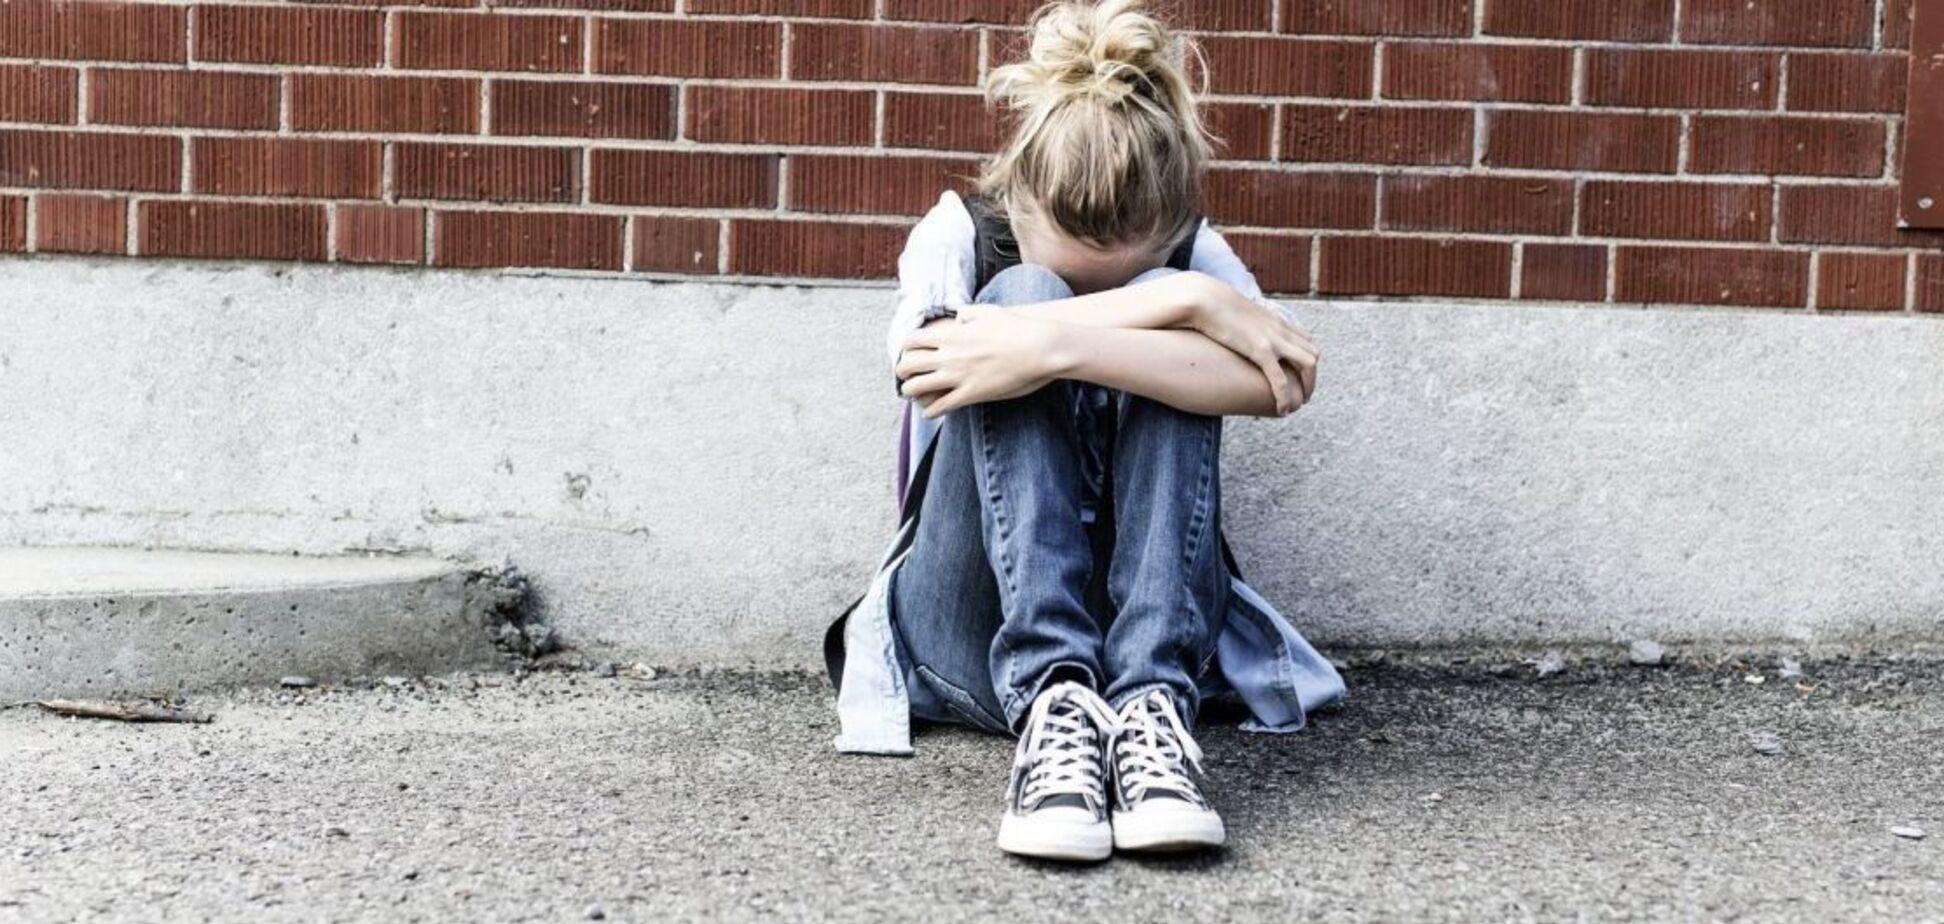 На Одесщине подростки избили 14-летнюю девочку. Видео